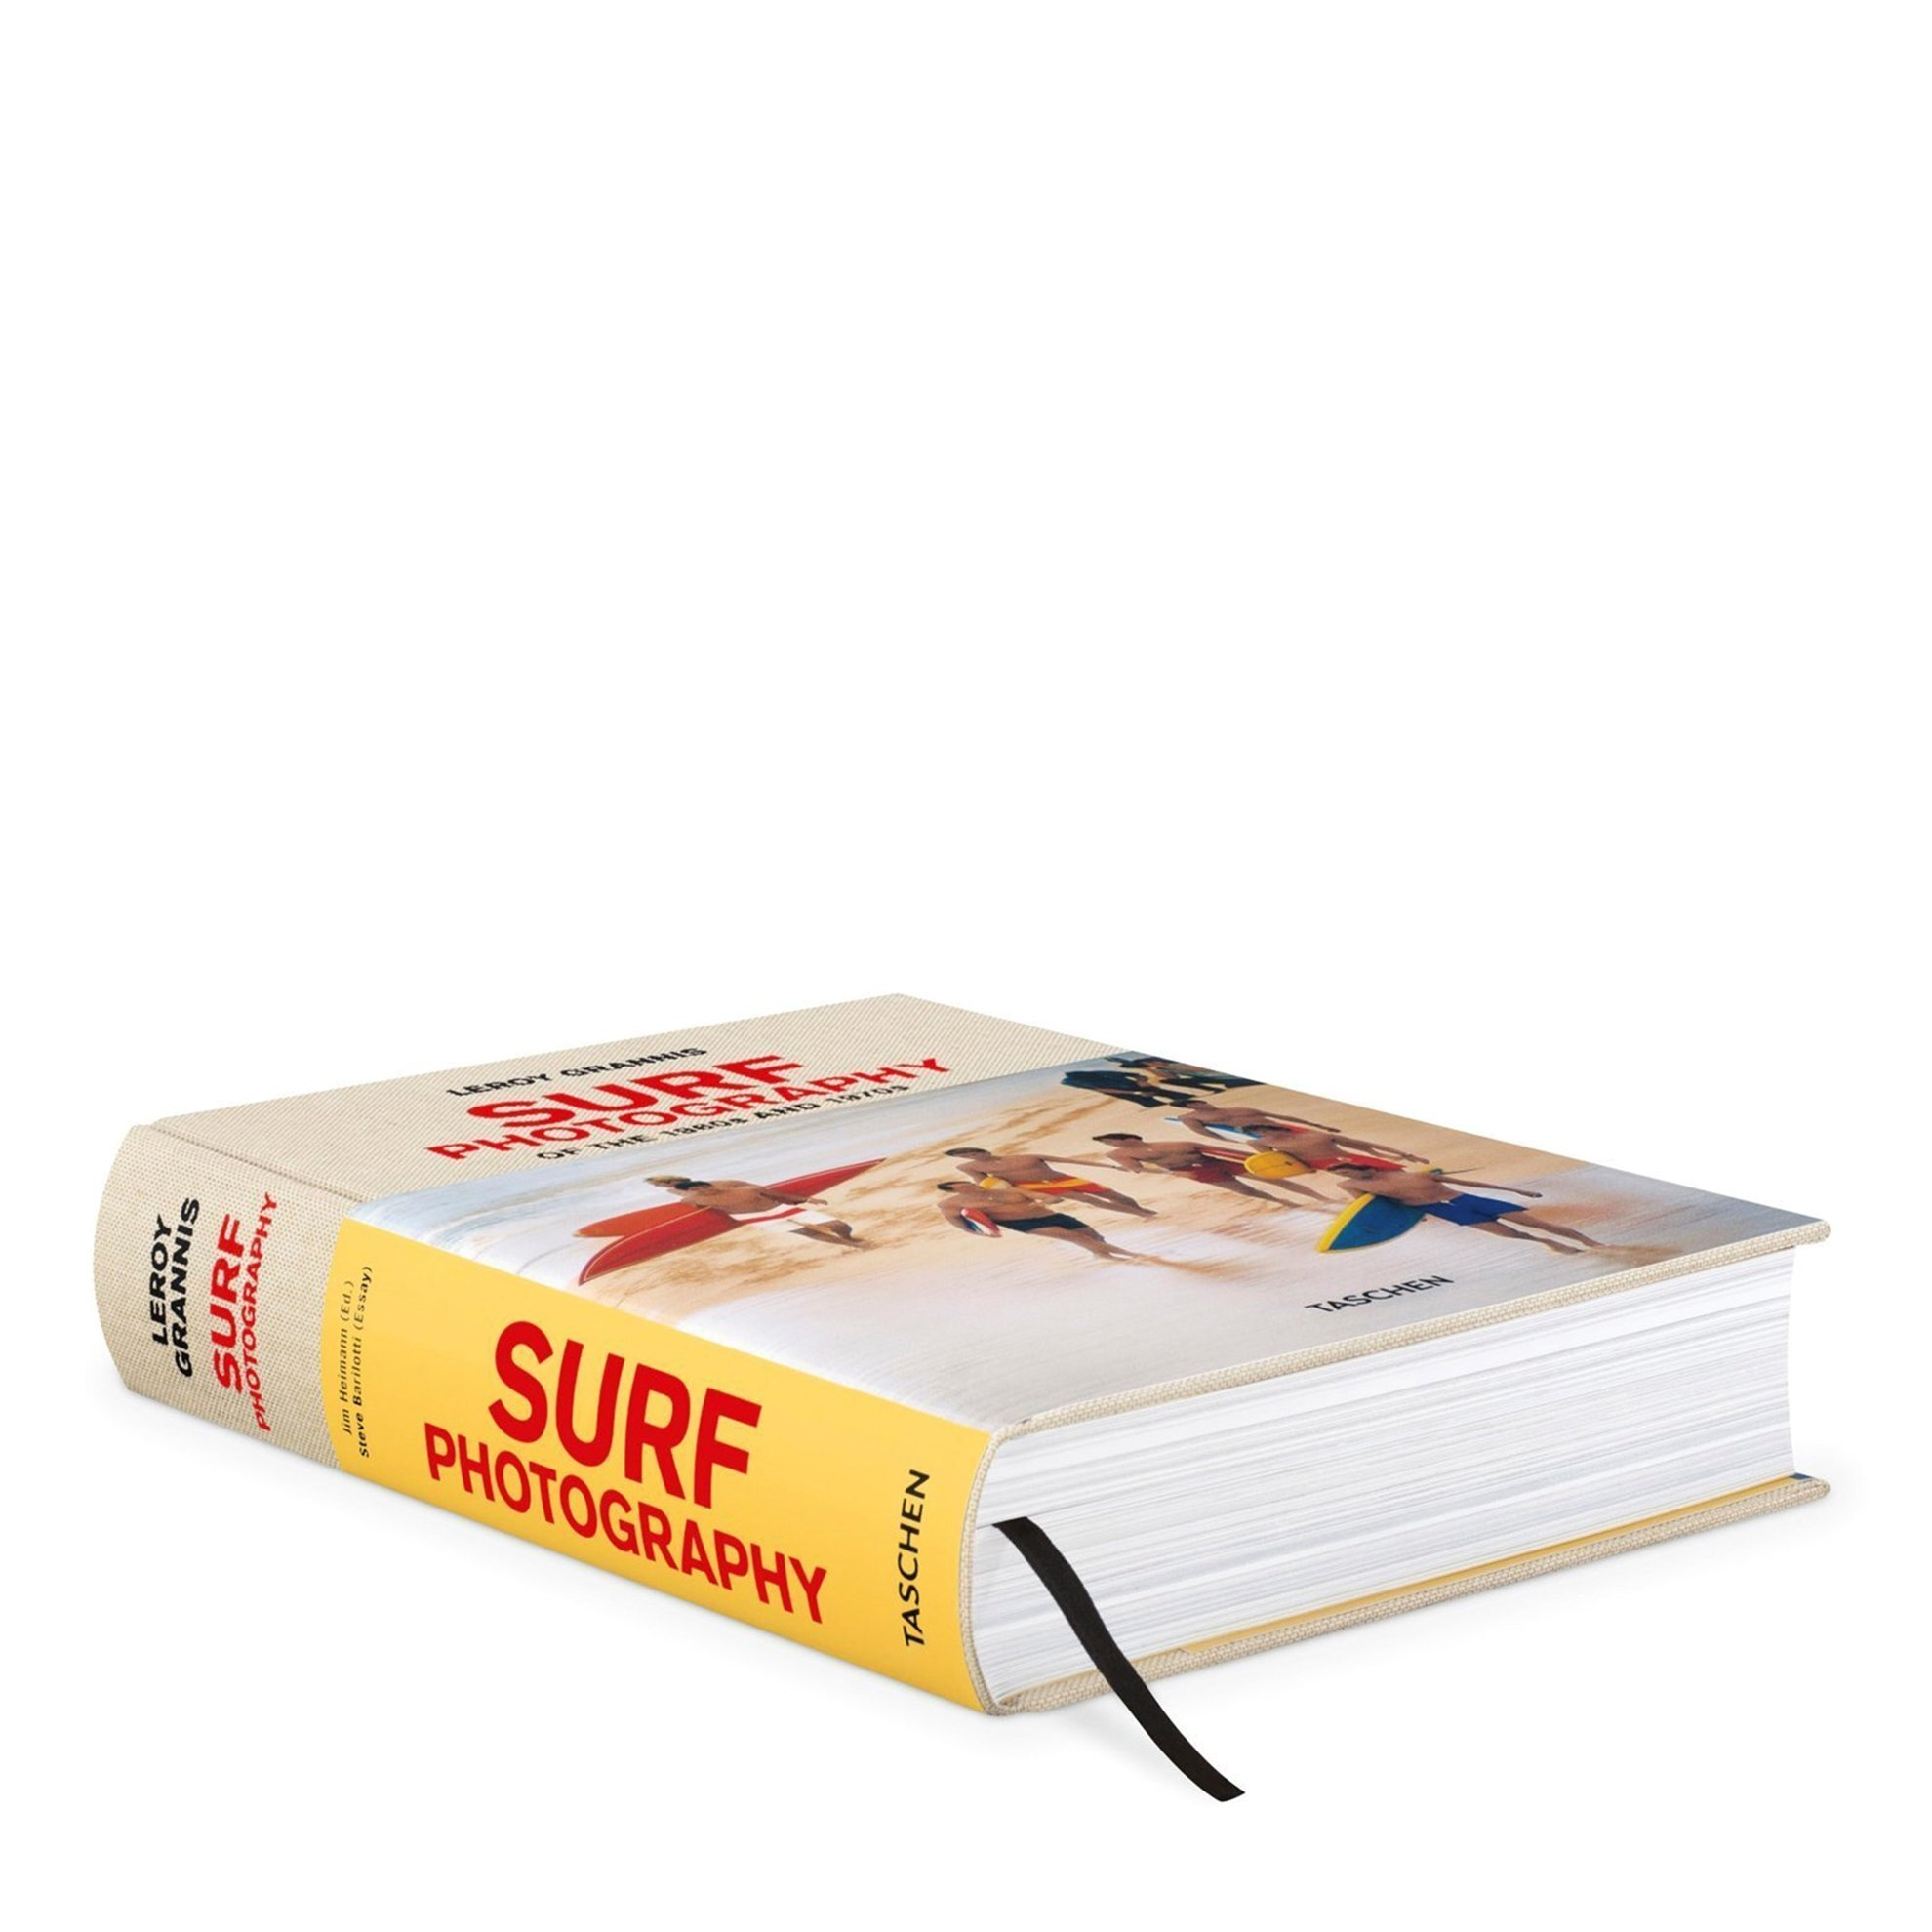 Kitap - Leroy Grannıs Surf Photography